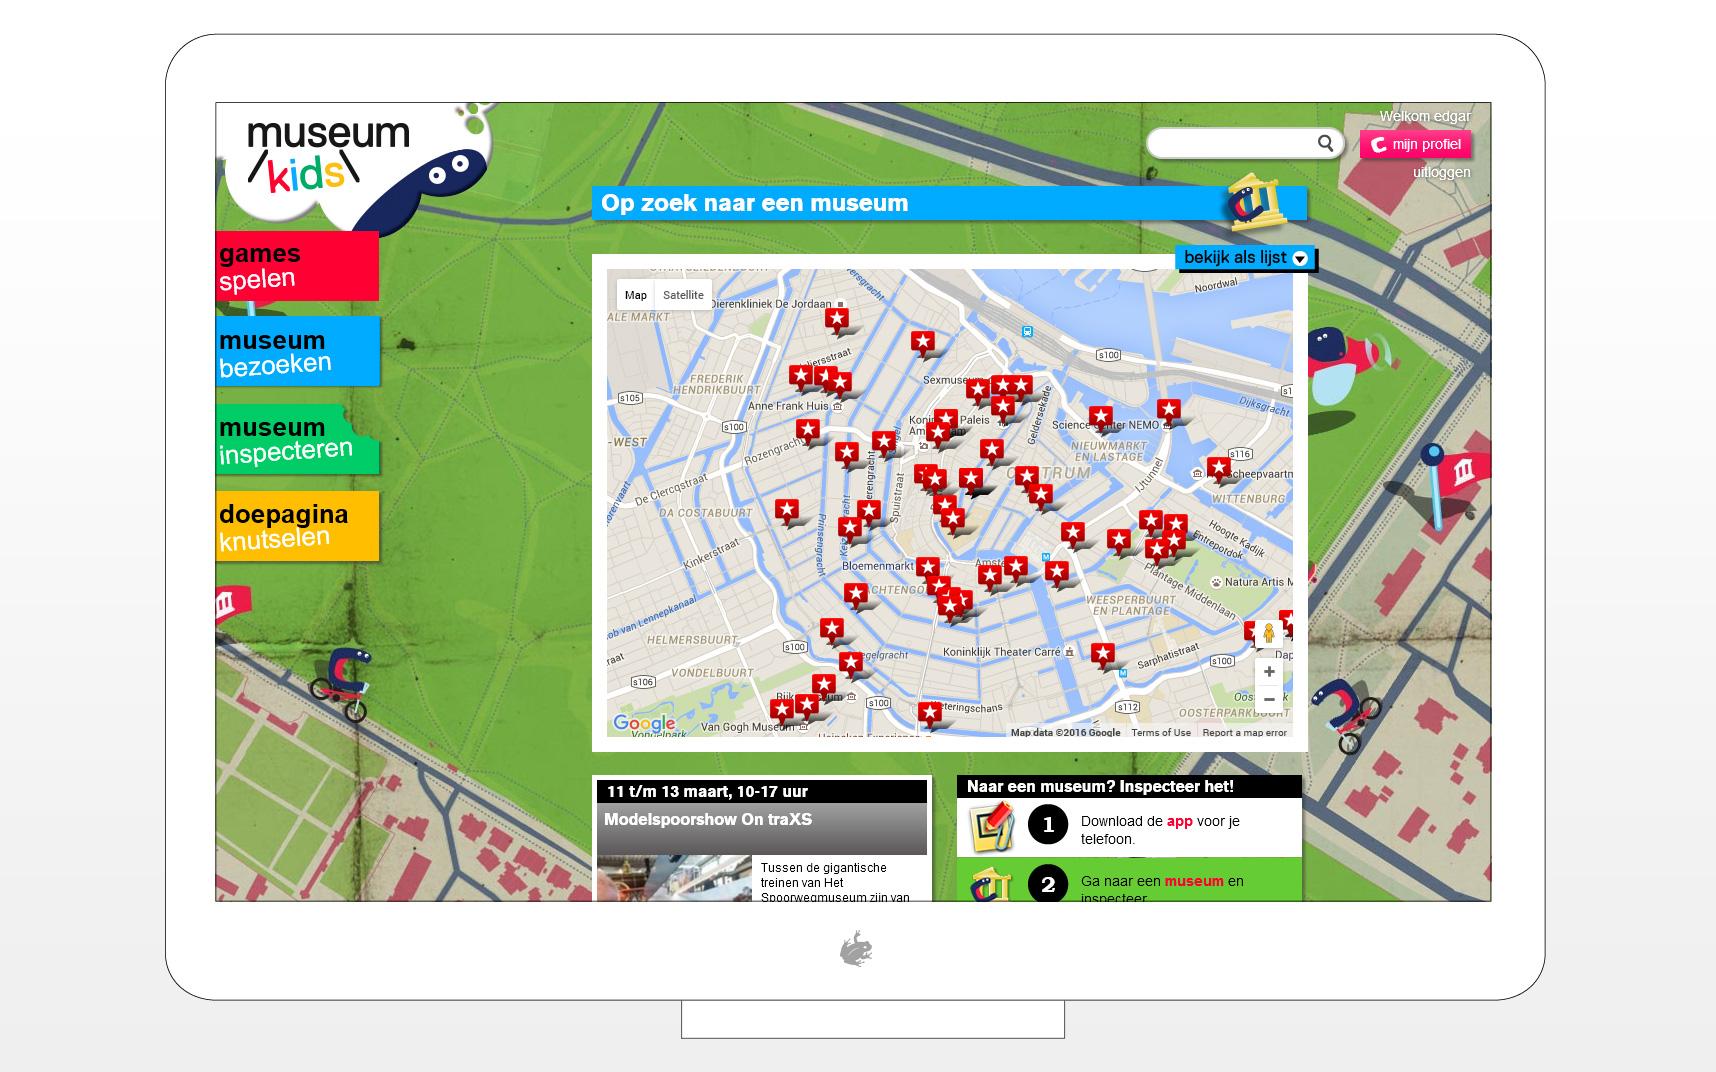 Op een kaart kan je de leuktste kidsproof musea terugvinden.